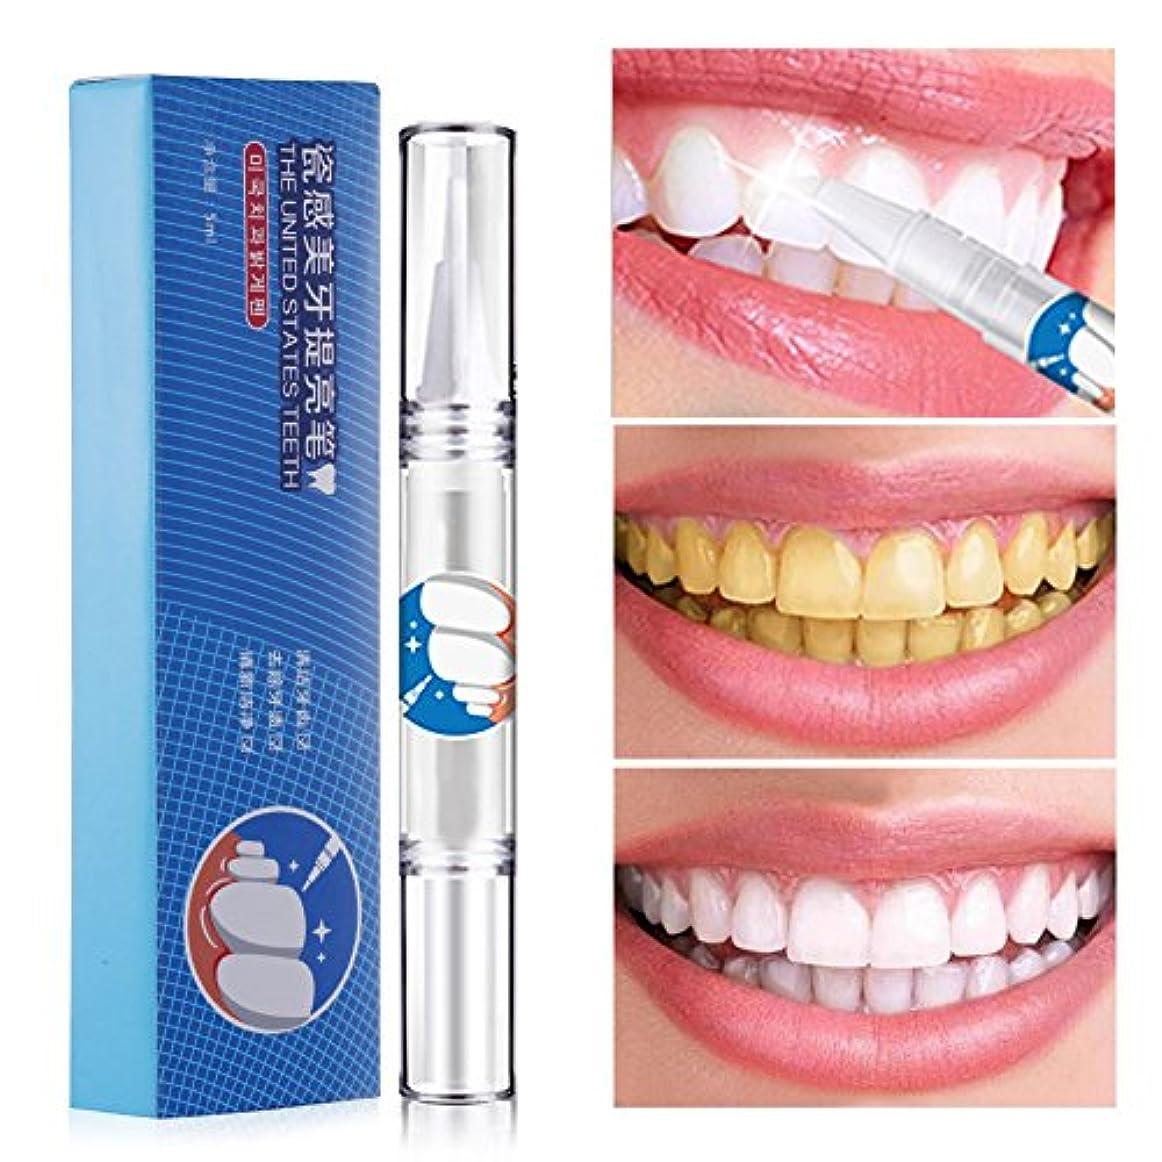 抑制するそしてグリット美白歯ゲル、5ml ホワイトニングペン 口腔ホワイトニングペン 消しゴム 歯を白くするペン 歯の漂白剤 ワイン/喫煙などの汚れを除去する 輝かしい笑顔を見せる 携帯便利 男女兼用